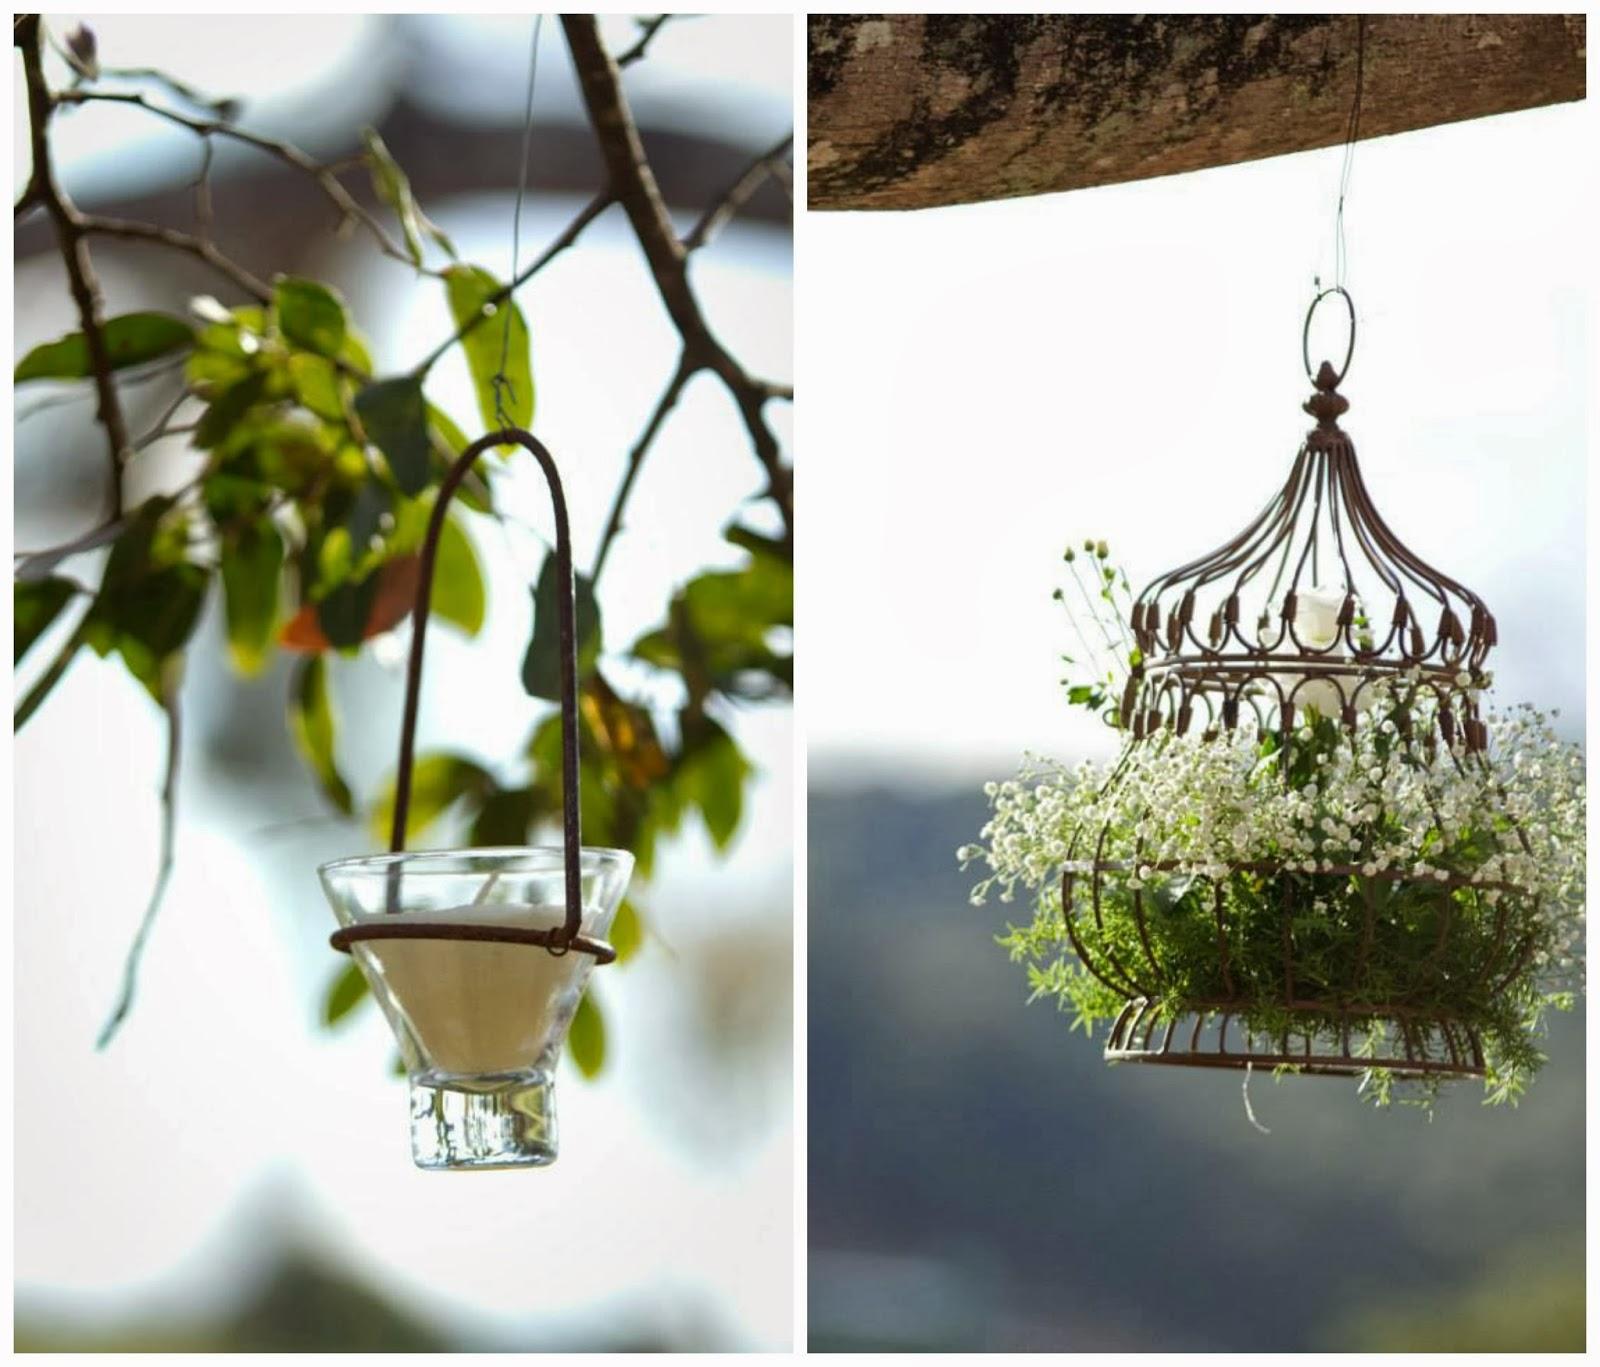 cerimônia - casamento ao ar livre - casamento de dia - altar - decoração - detalhes - flores - velas suspensas - vale verde betim